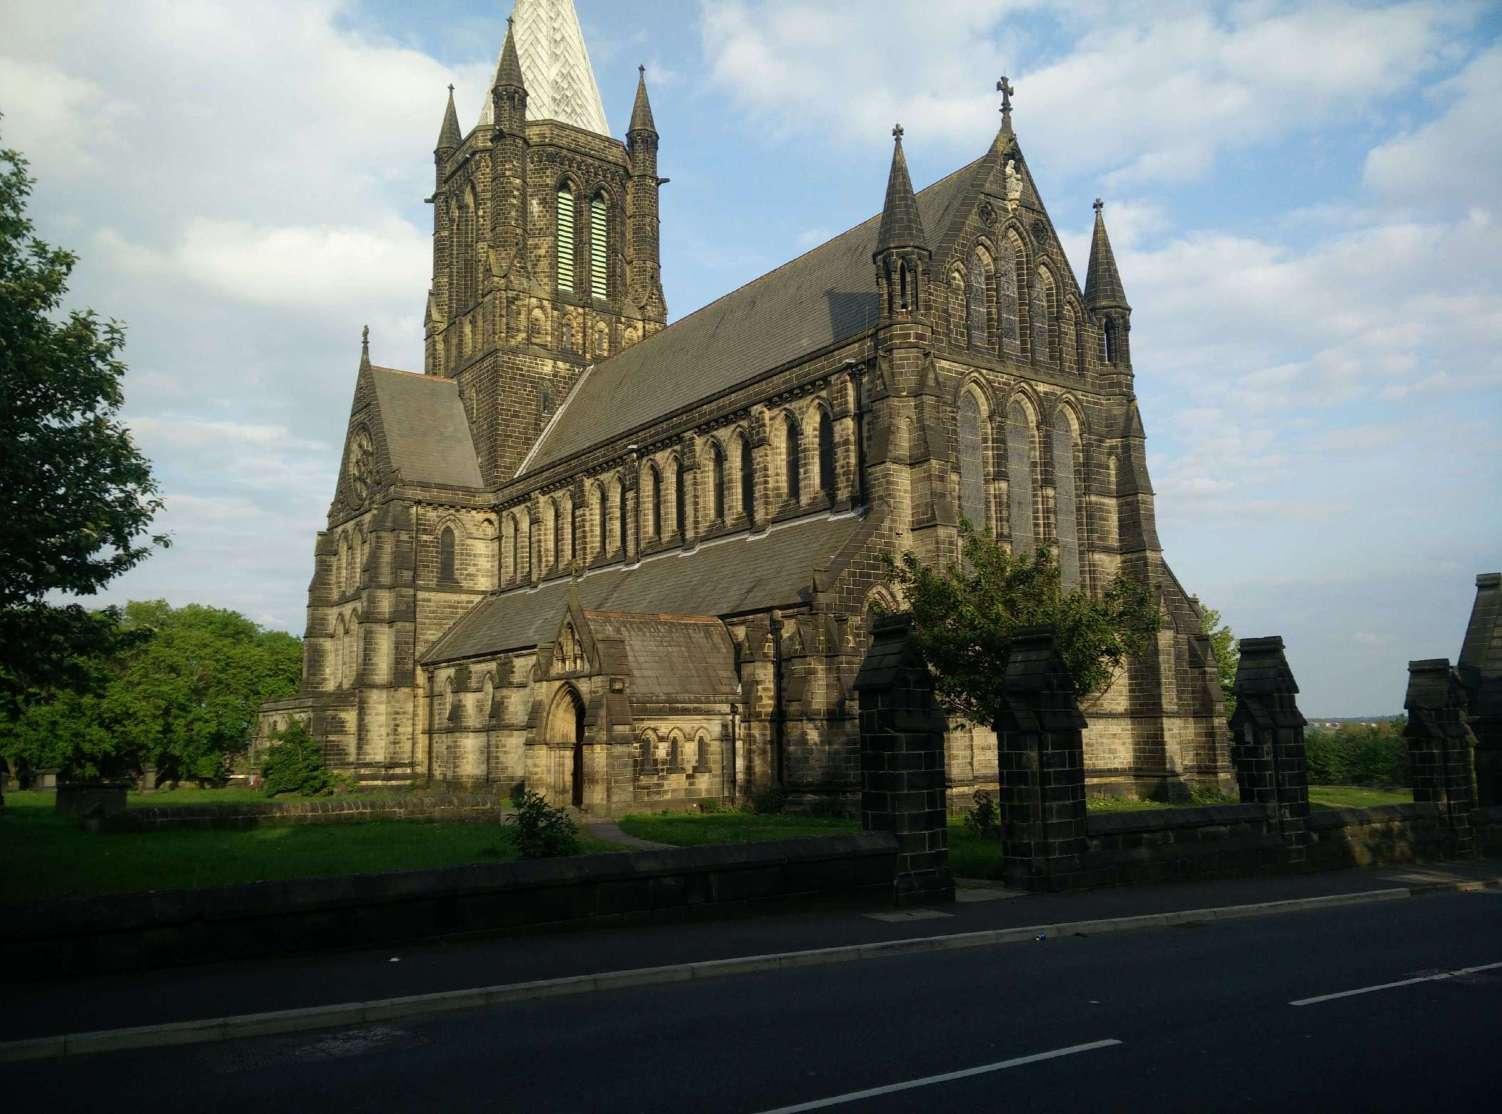 image of St Bartholomew's church